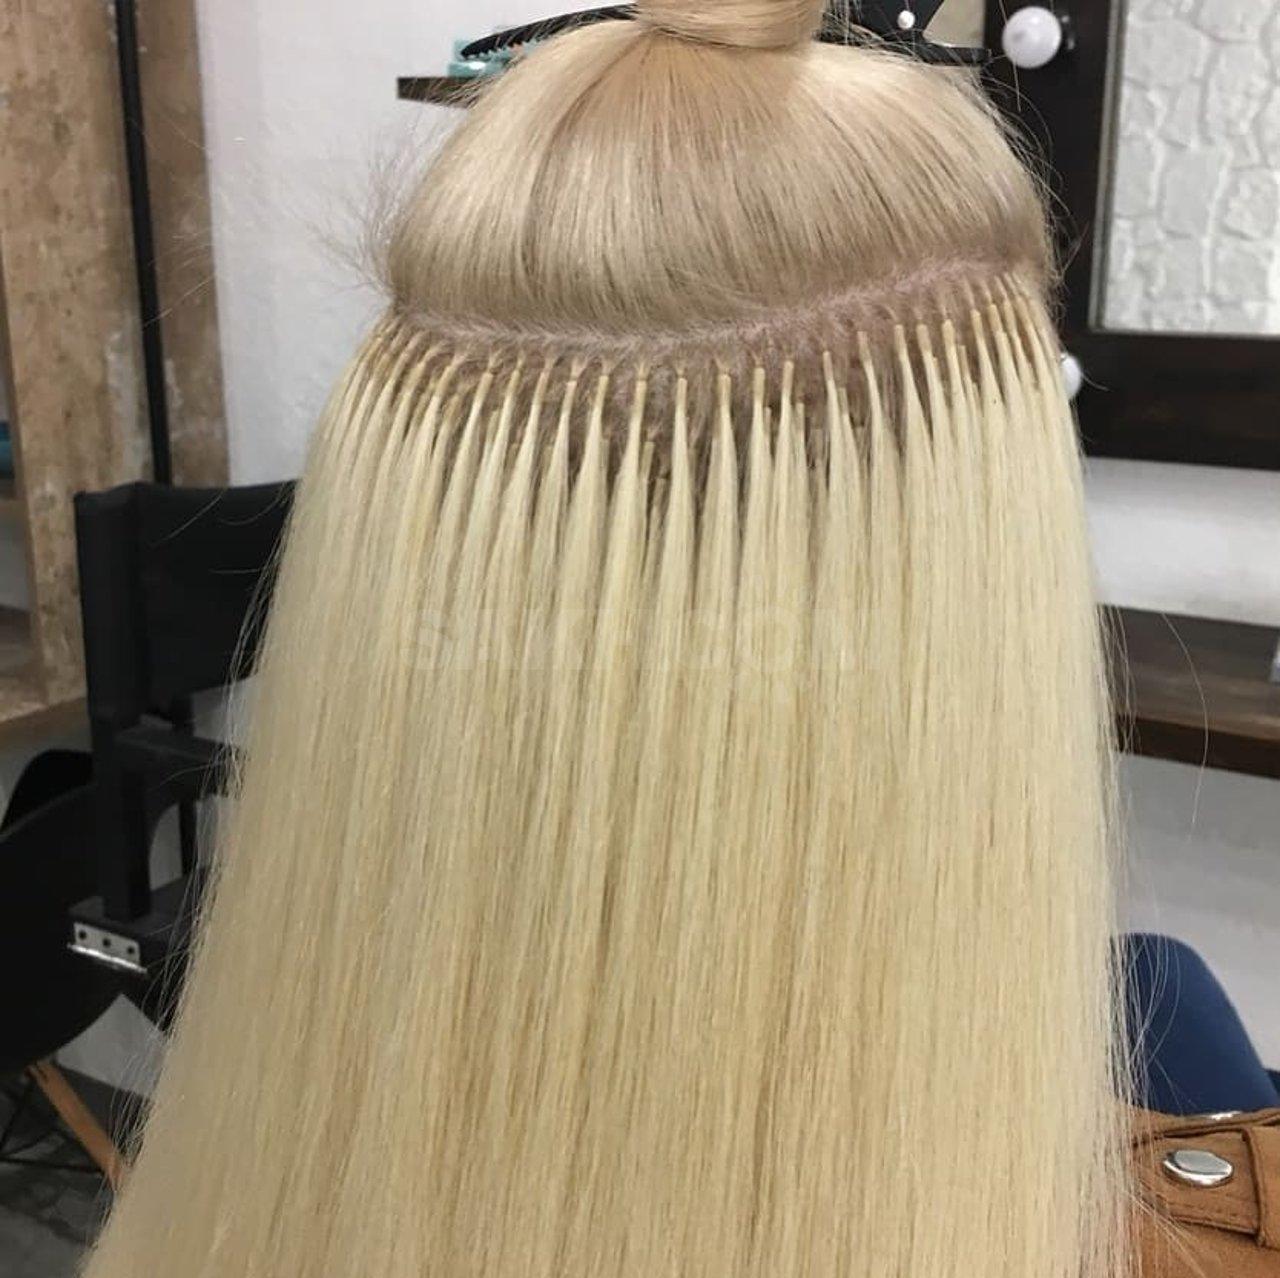 Коррекция нарощенных волос на капсулах: полное описание процедуры